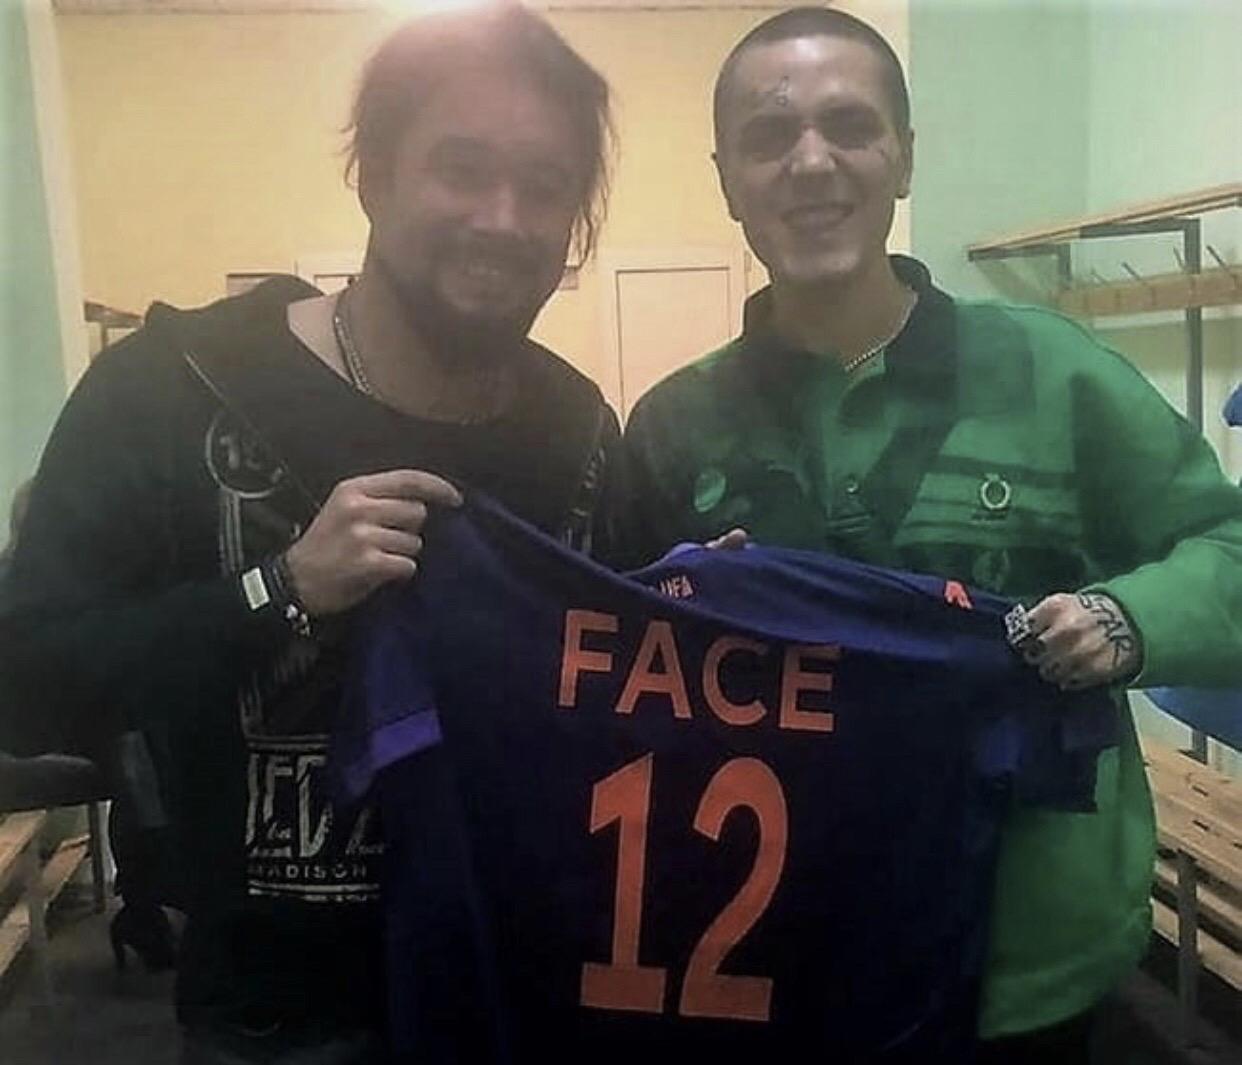 ФК «Уфа» подарил рэперу Face именную футболку команды